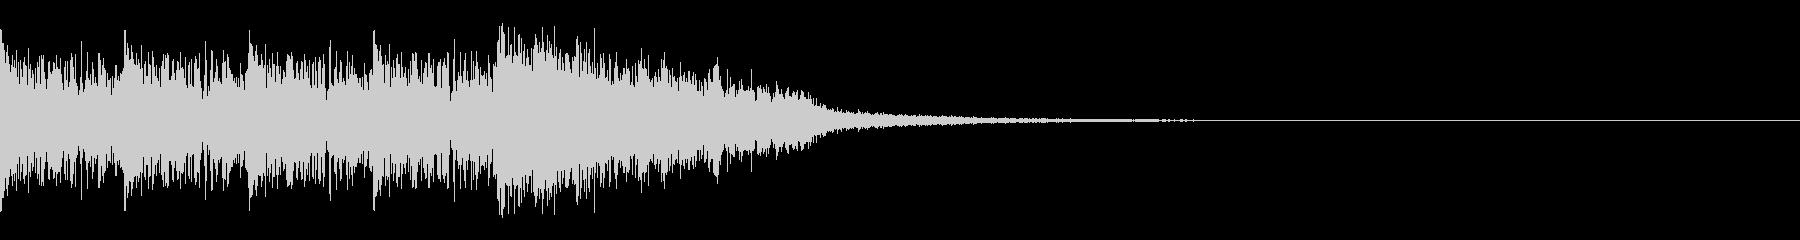 タイムアップ 約3秒 時計と効果音の未再生の波形